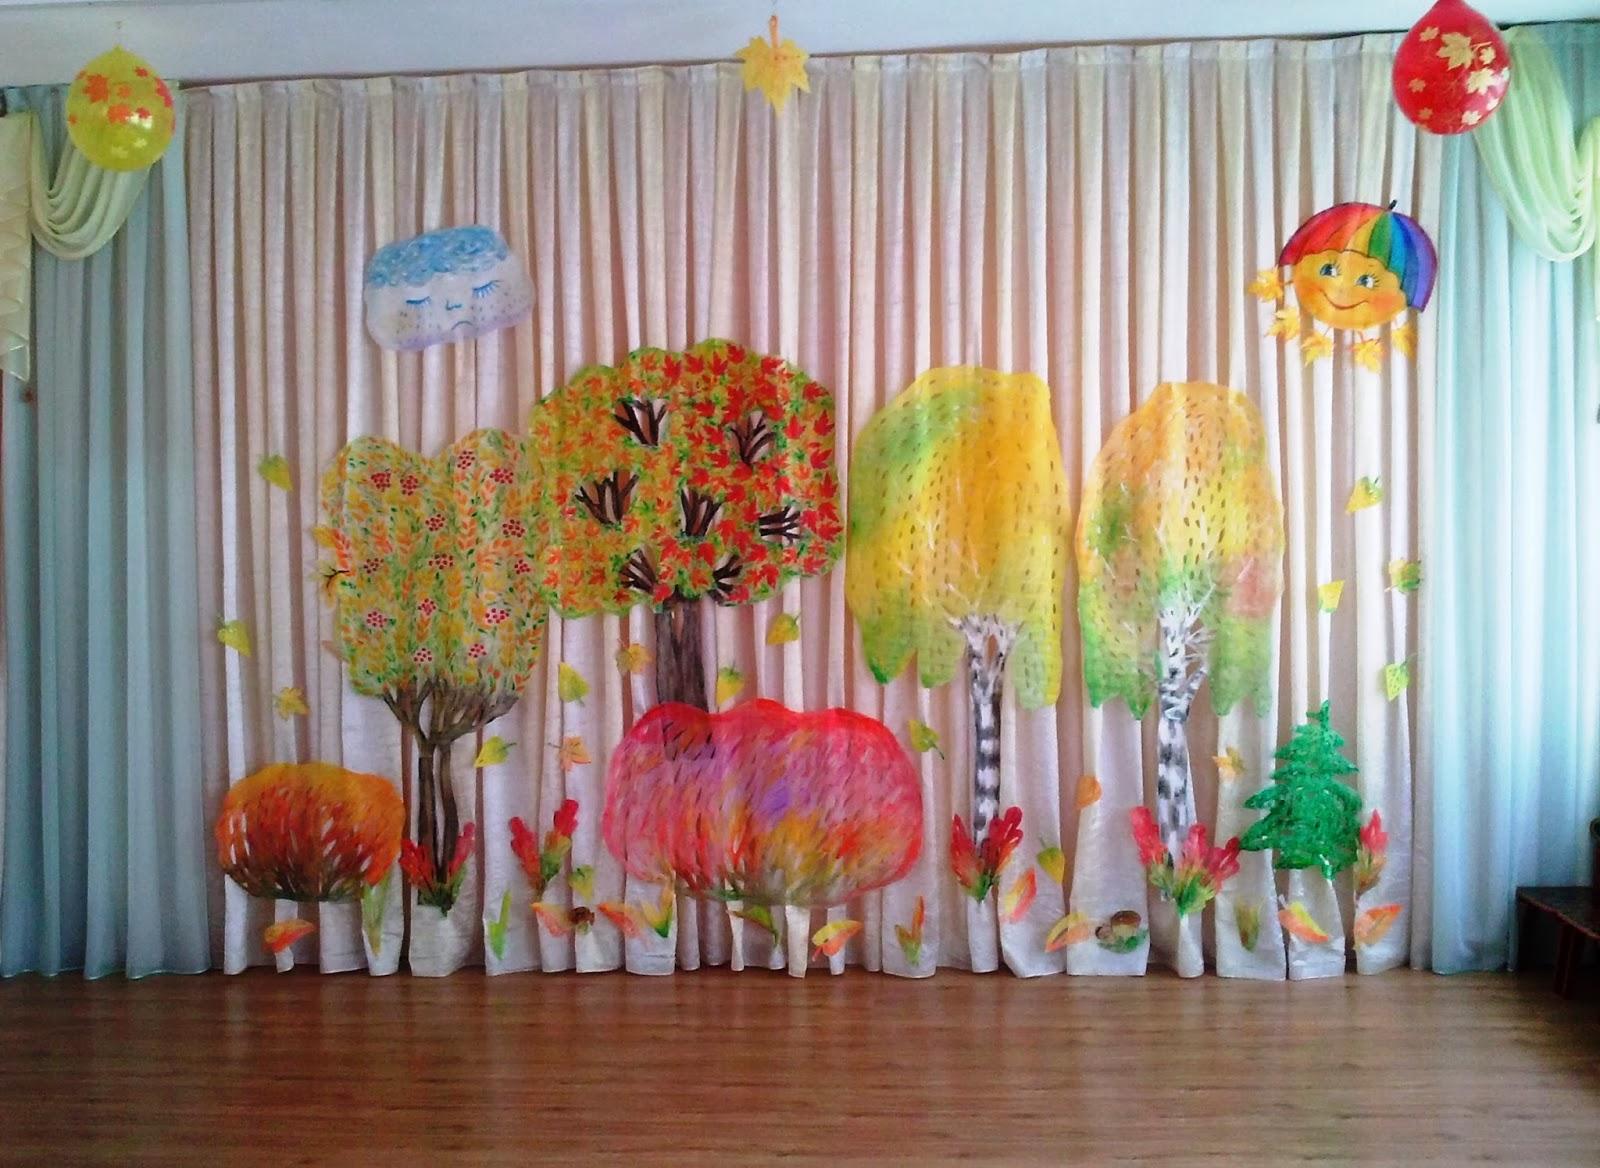 Музыкальный зал в детском саду дизайн стен